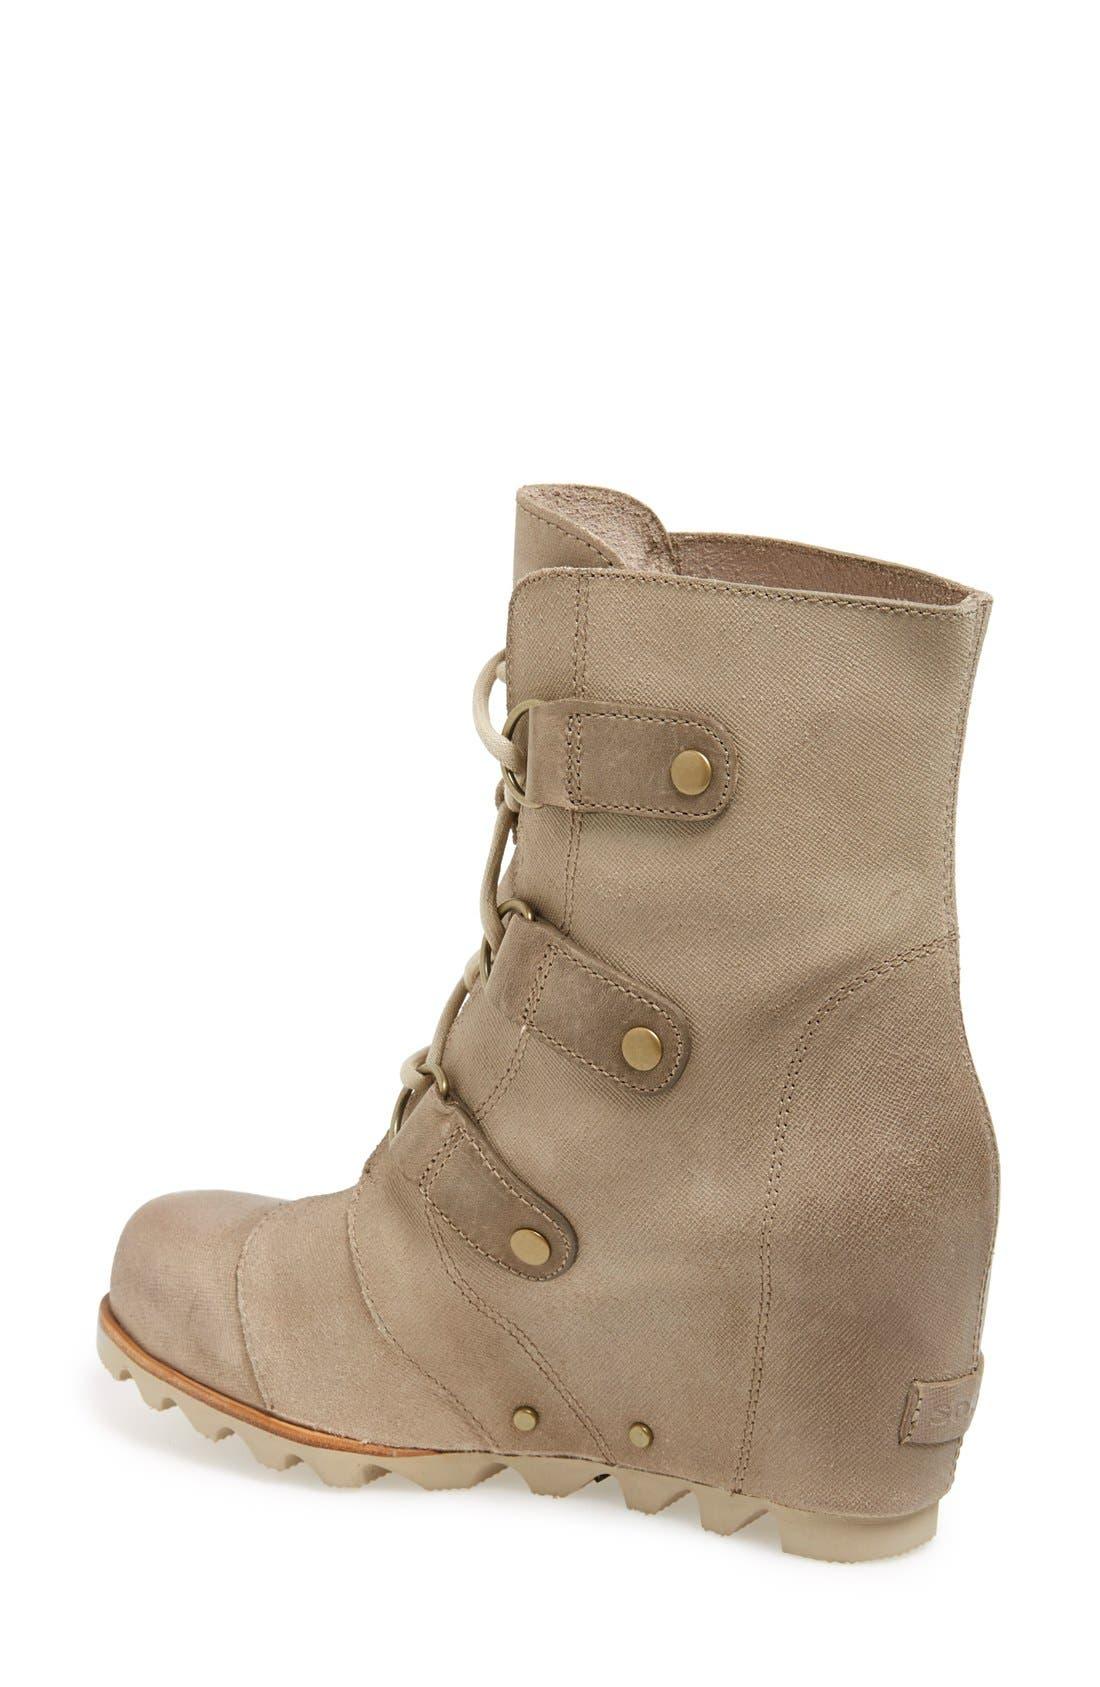 'Joan of Arctic' Waterproof Wedge Boot,                             Alternate thumbnail 15, color,